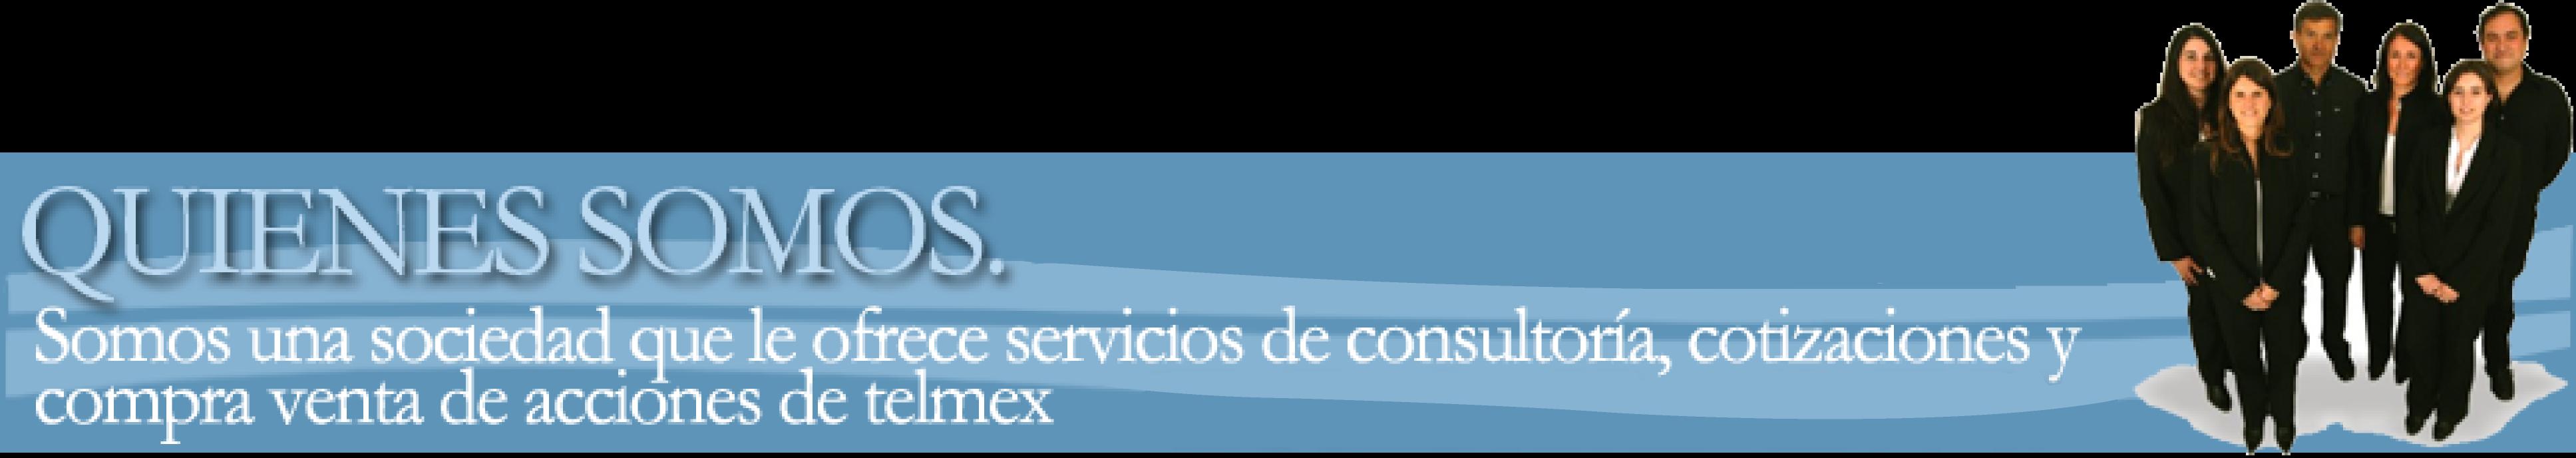 Quienes somos en Acciones de Telmex y como podemos ayudarte.